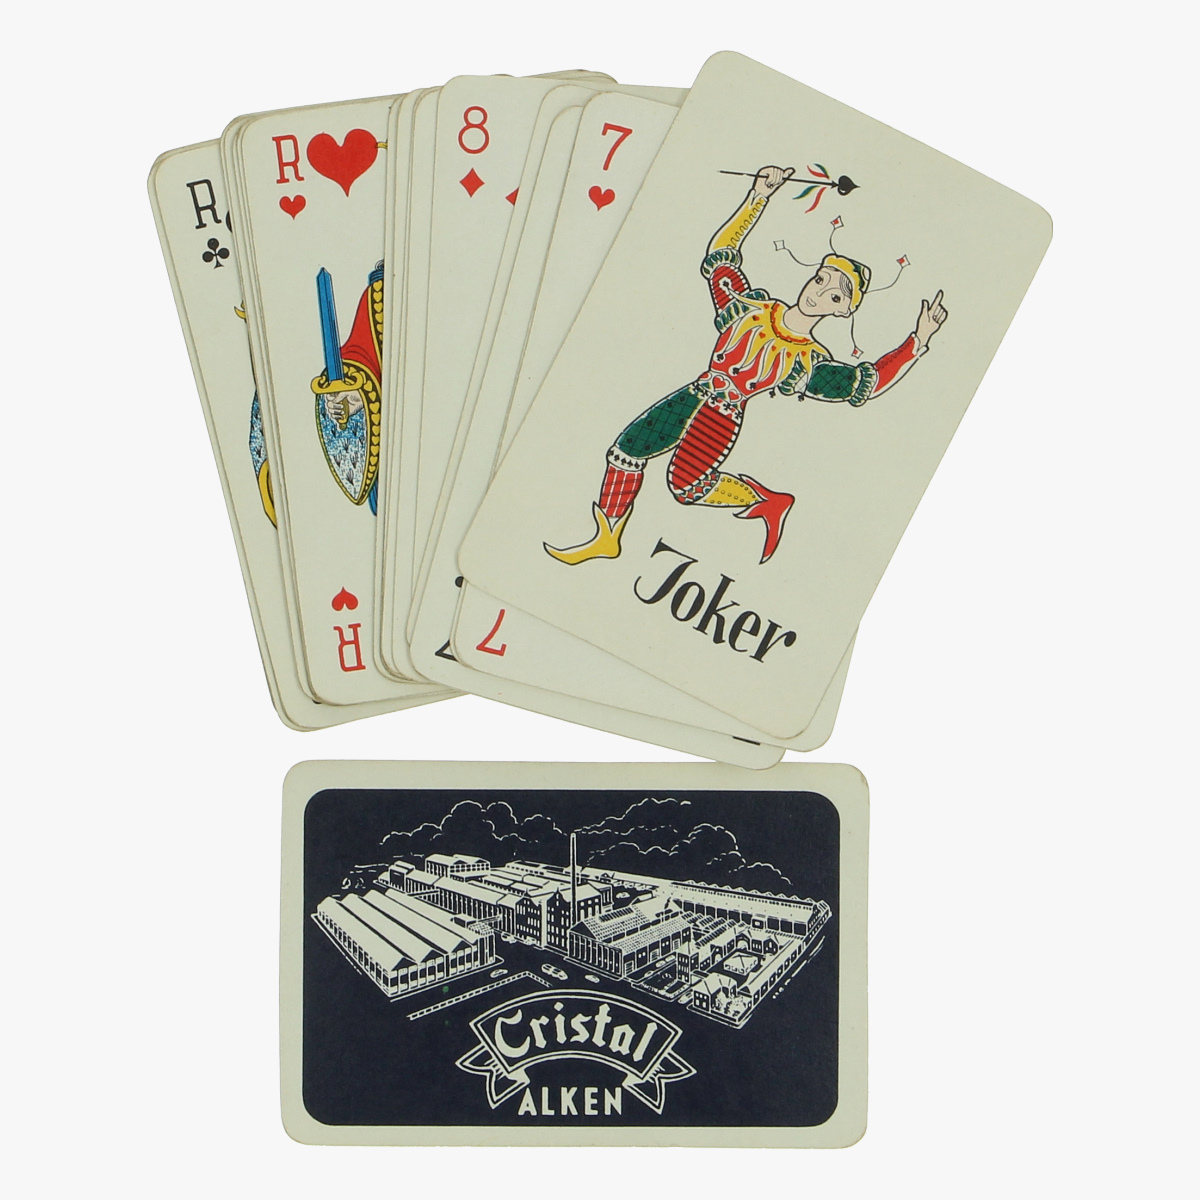 Afbeeldingen van oud spel speelkaarten Cristal Alken